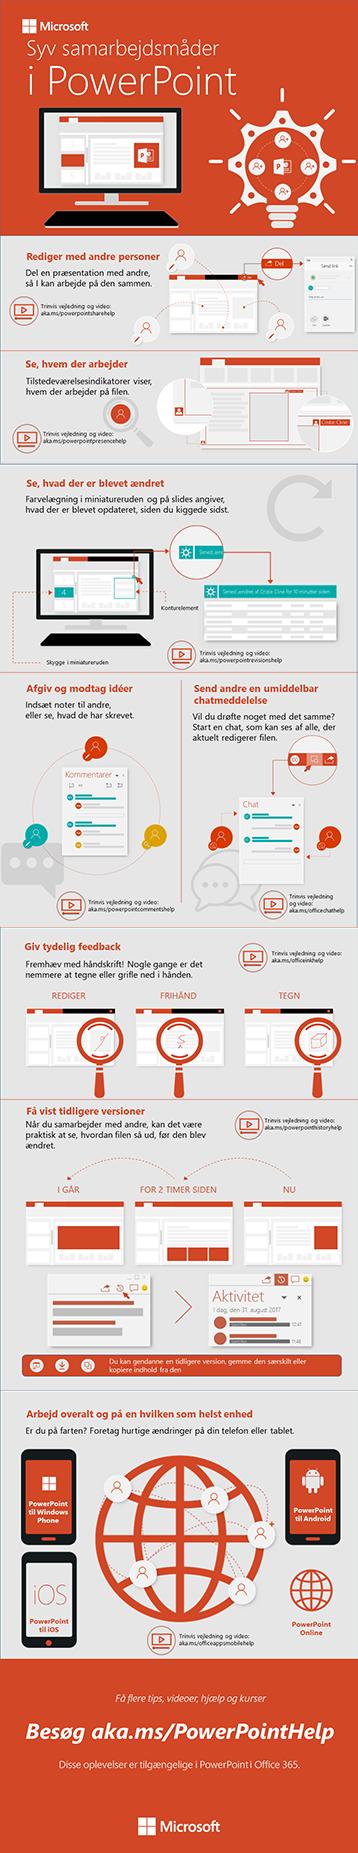 Infografik over måder at arbejde sammen i PowerPoint på